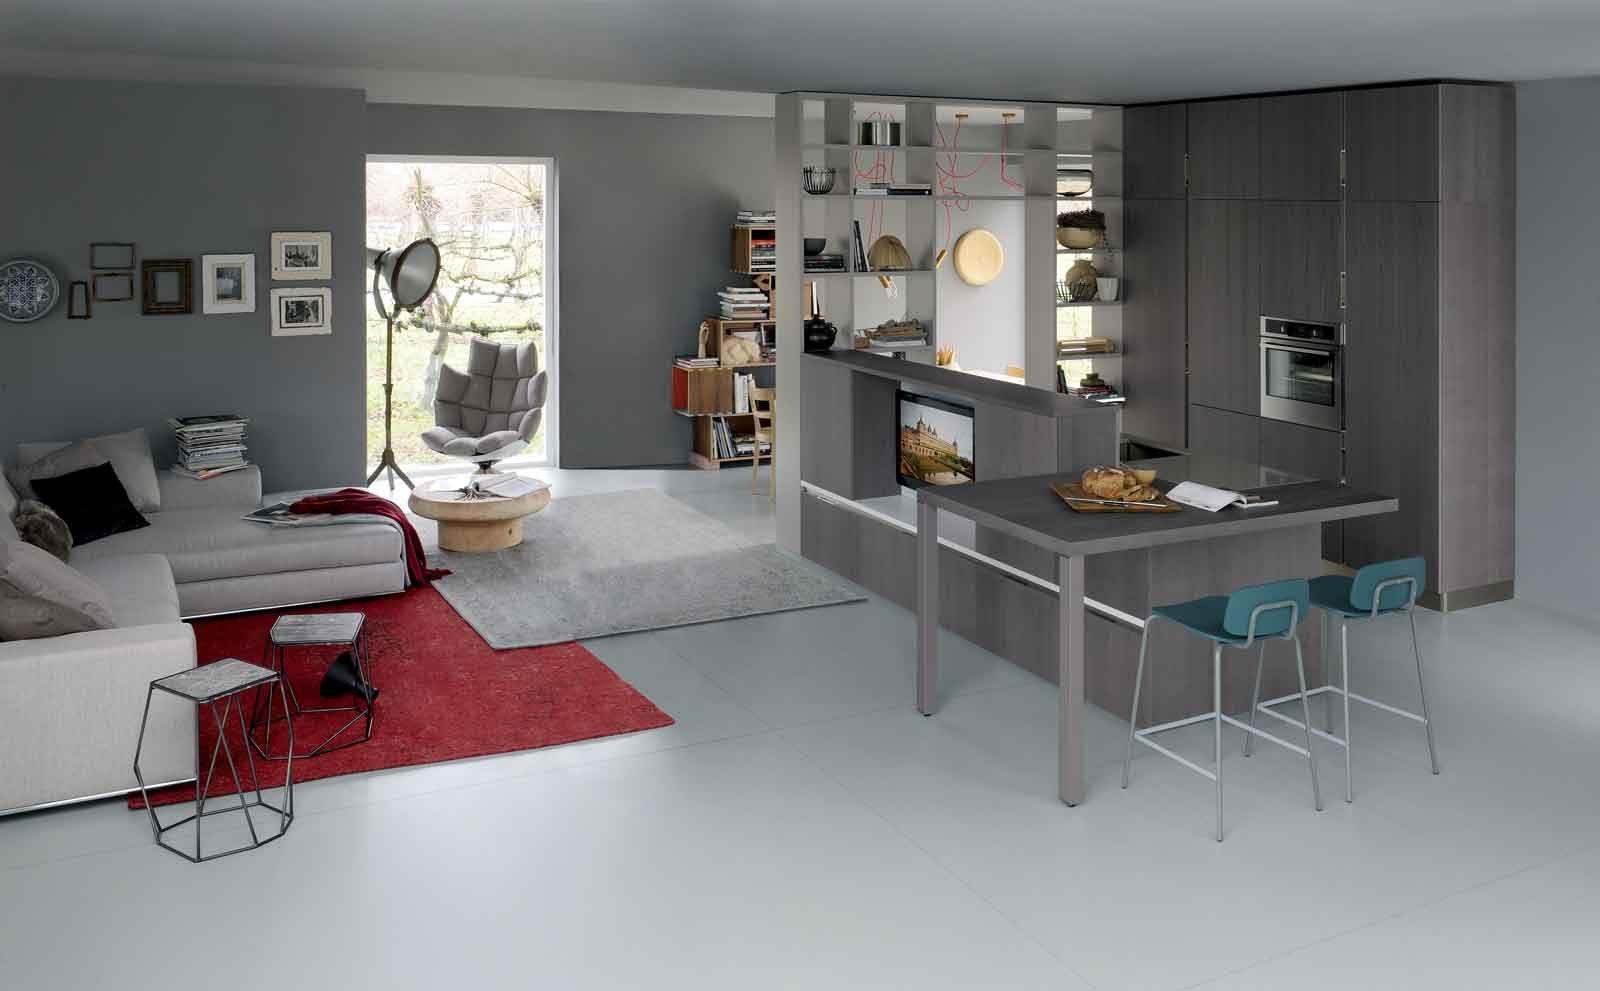 Sempre più spesso nel corso degli anni si è passati ad un tipo di progettazione che prevede la cucina a vista nella zona giorno; Cucina E Soggiorno In Un Unico Ambiente 3 Stili Cose Di Casa